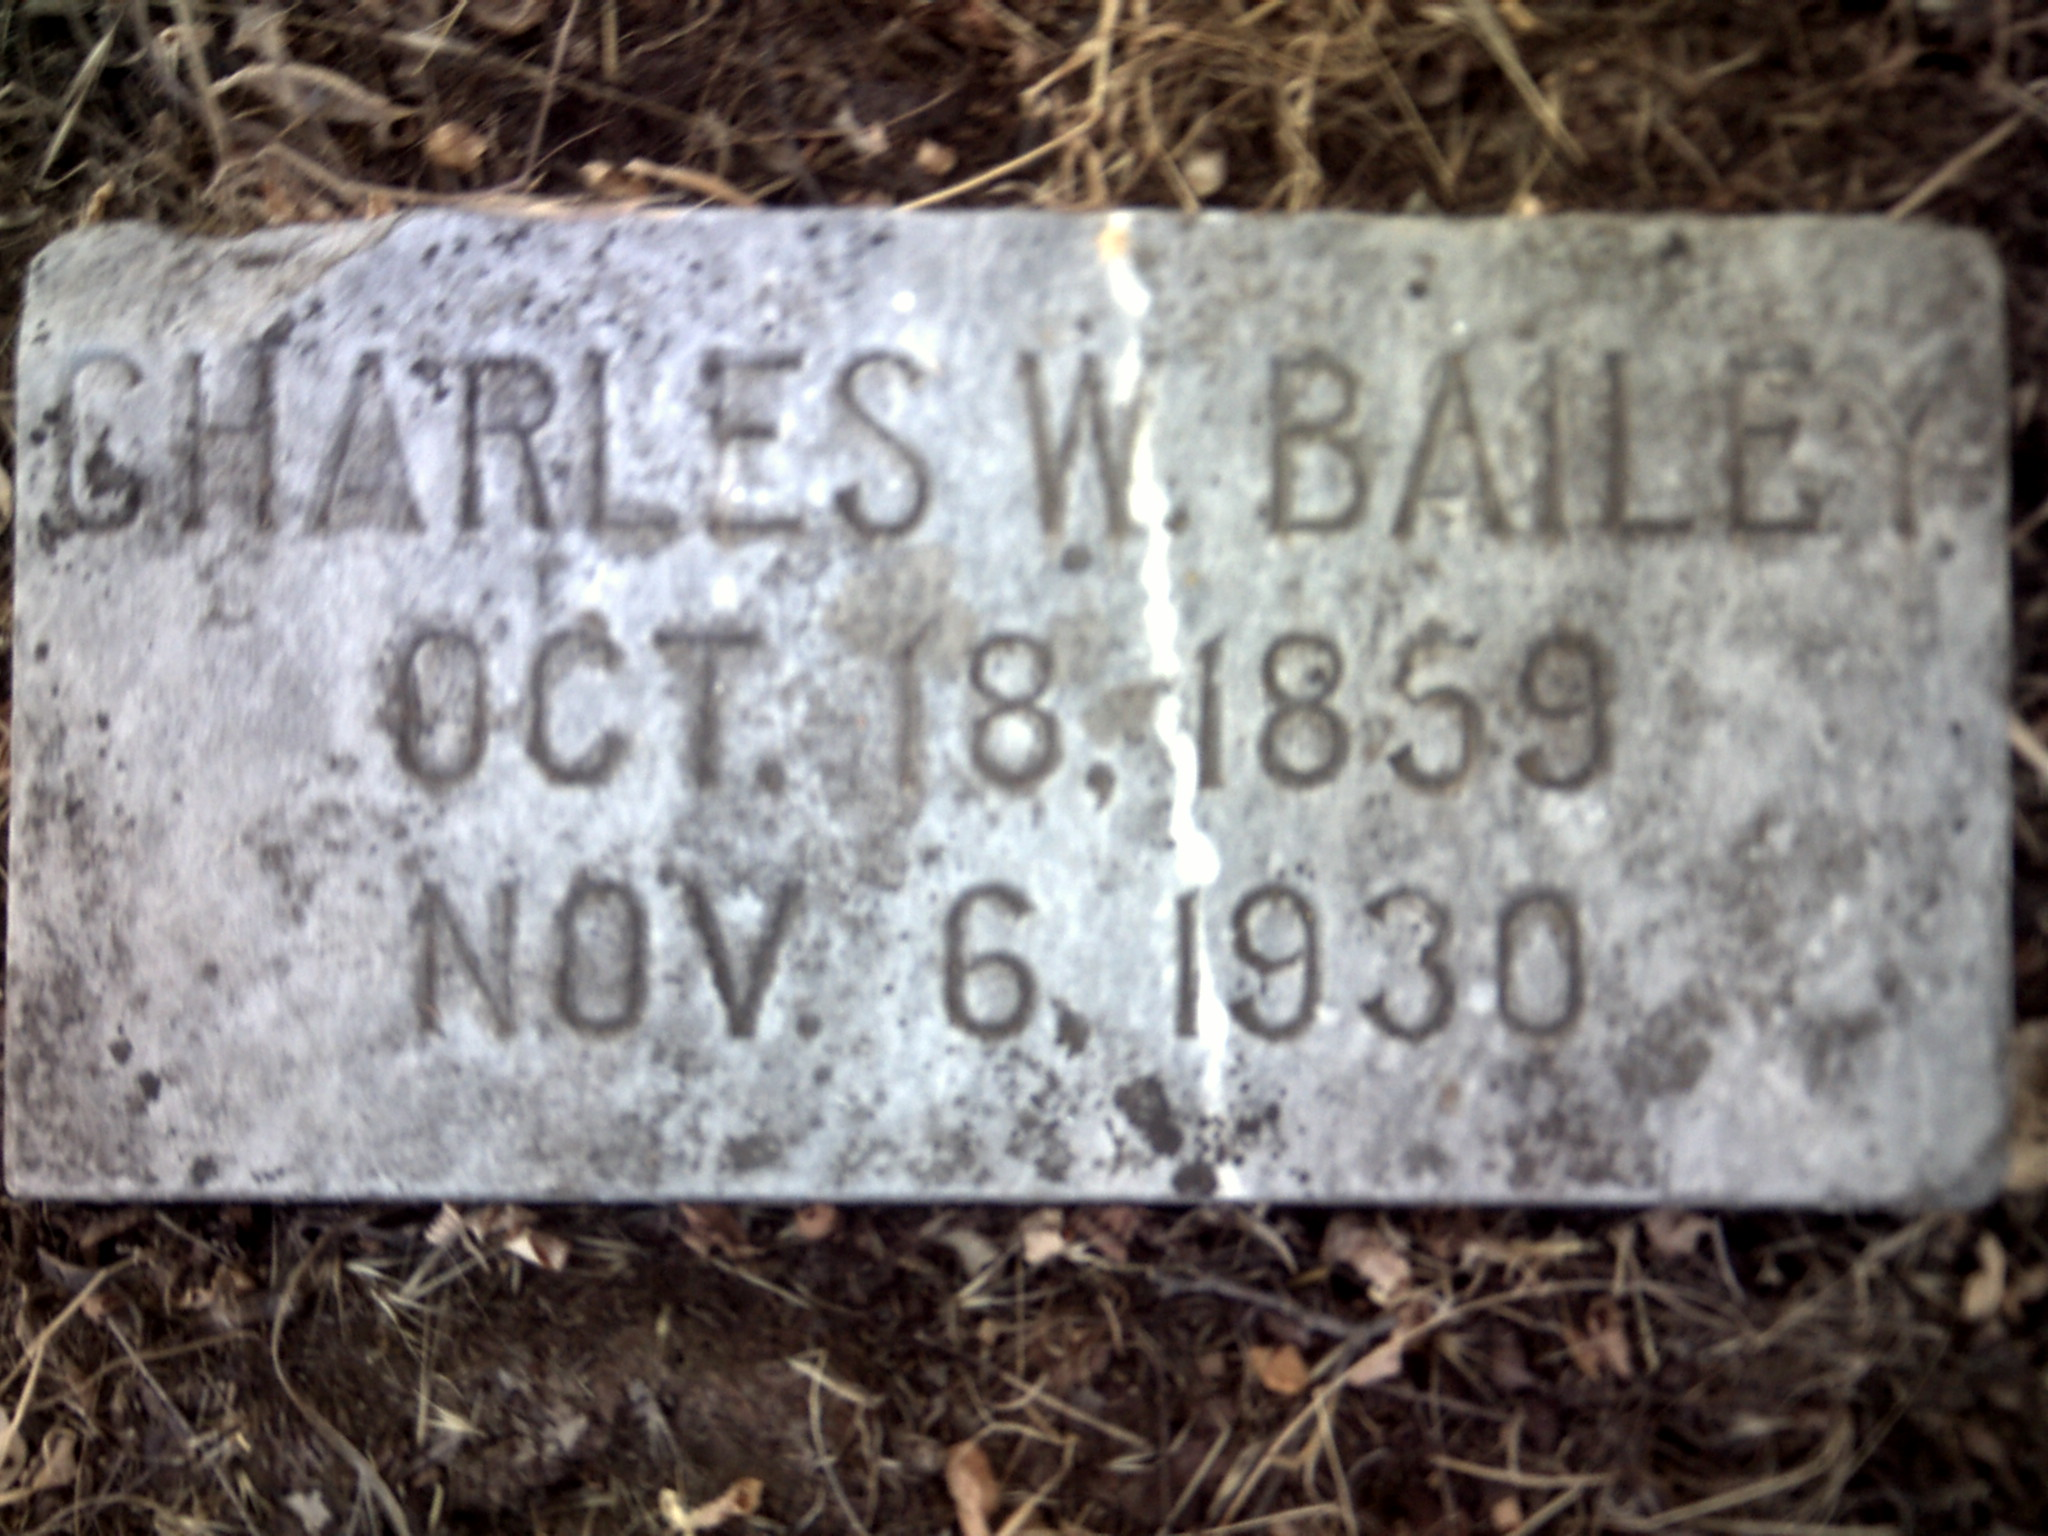 Charles W Bailey